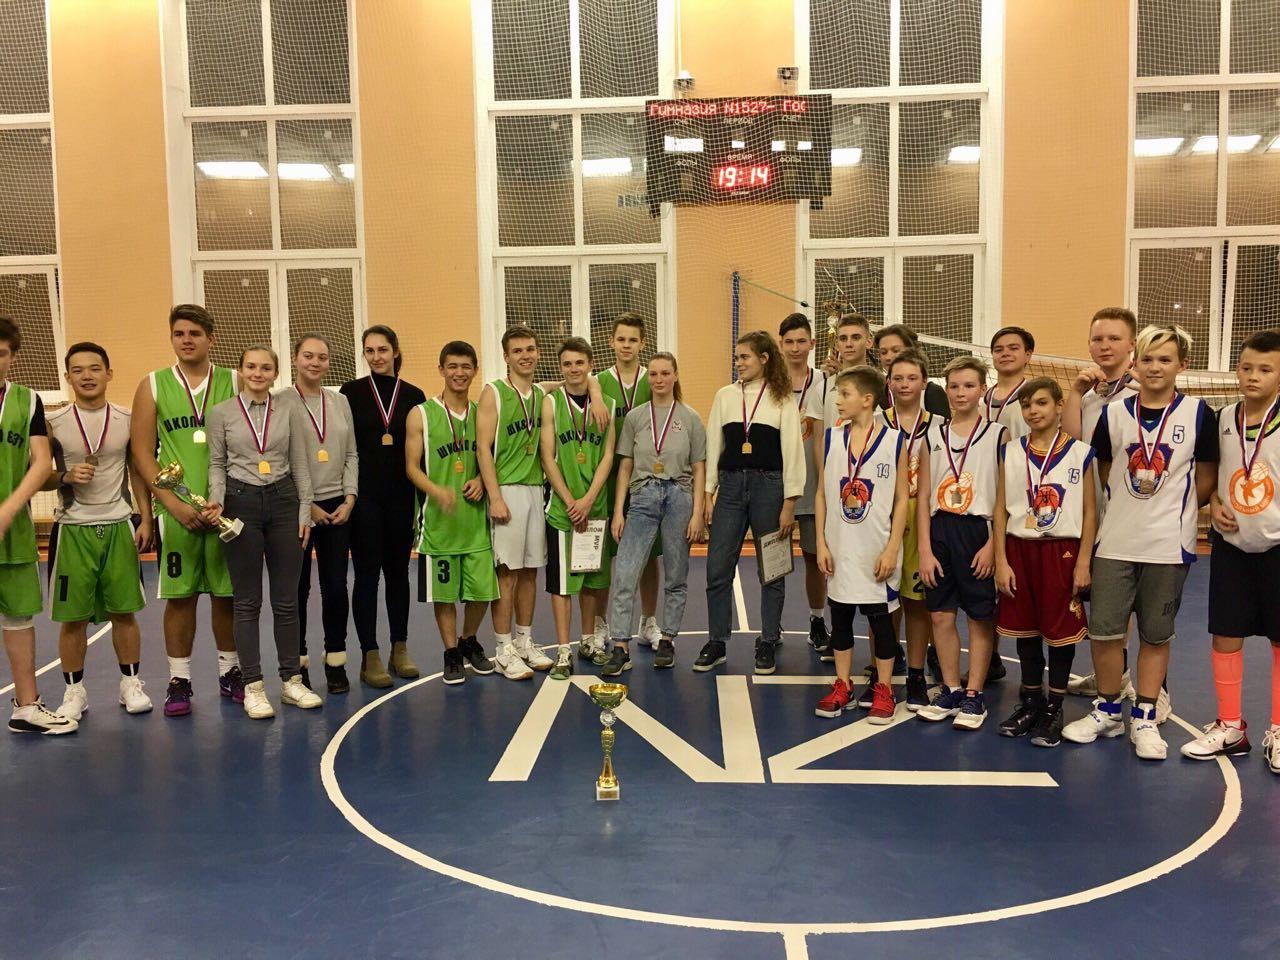 Финальные соревнования районного этапа «КЭС-Баскет» состоялись в школе №1527